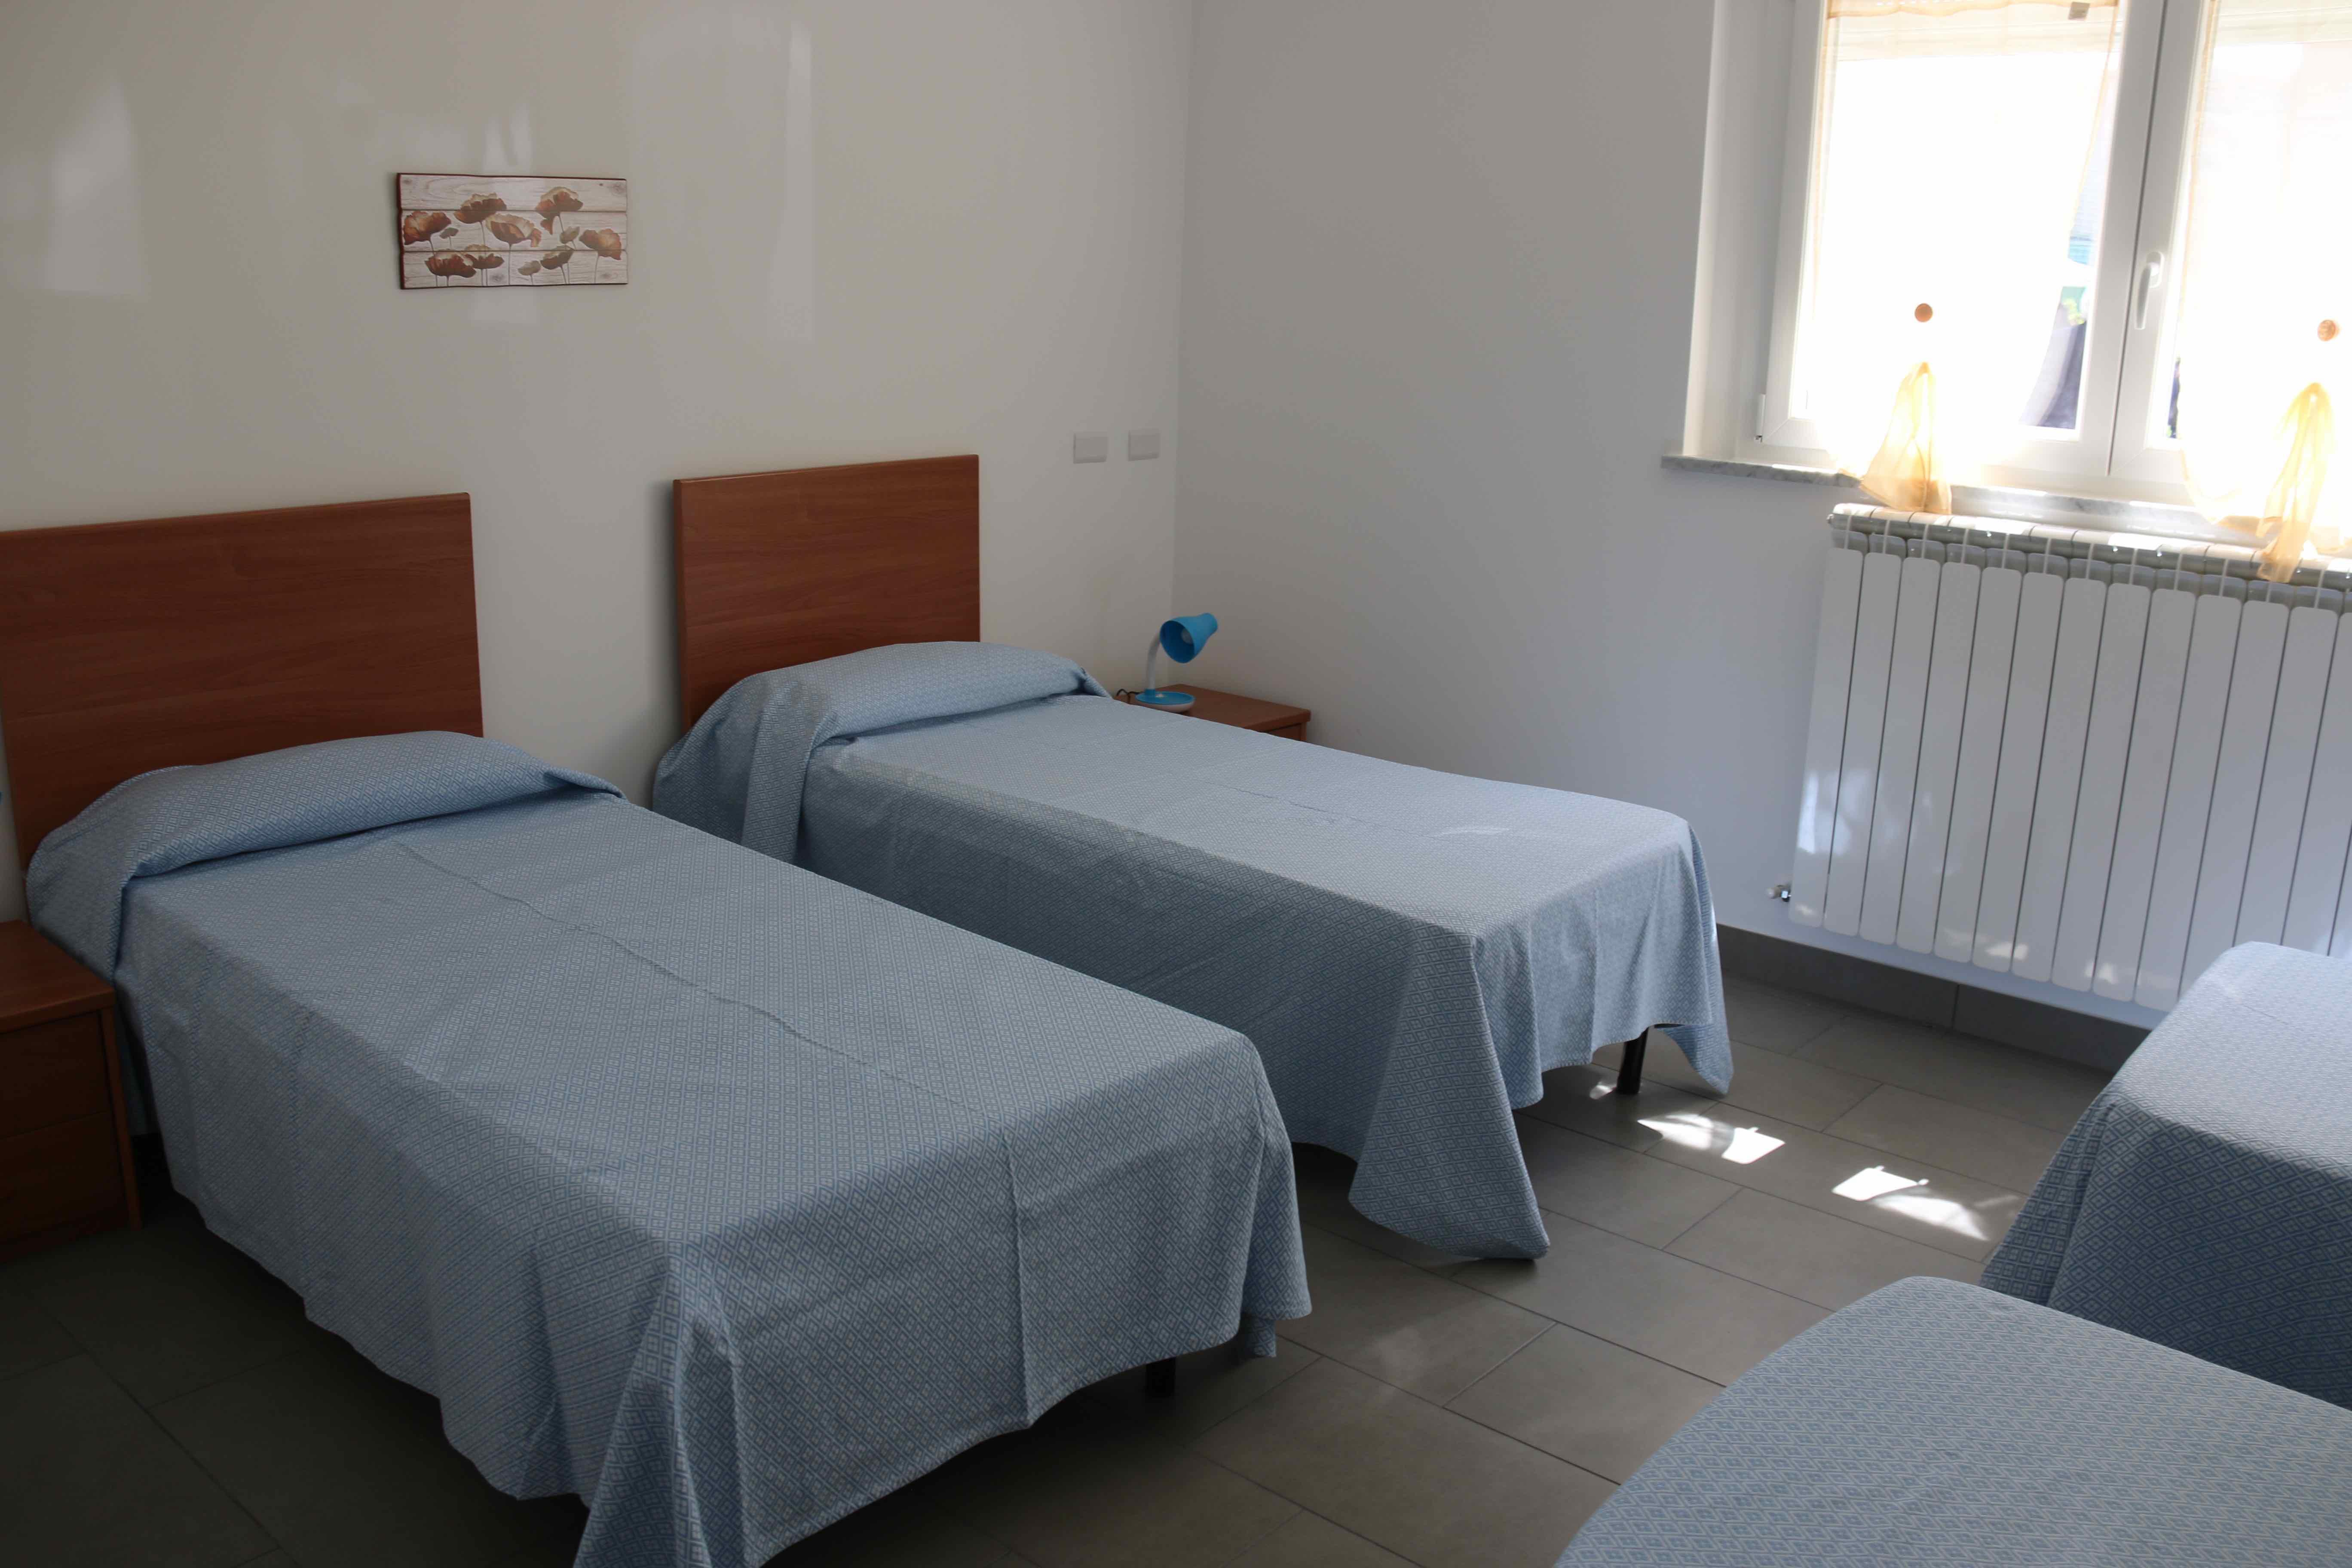 Inaugurazione Dormitorio Maria Teresa Bruzzone Centro Franco Chiarella 2017.04.22 - 31